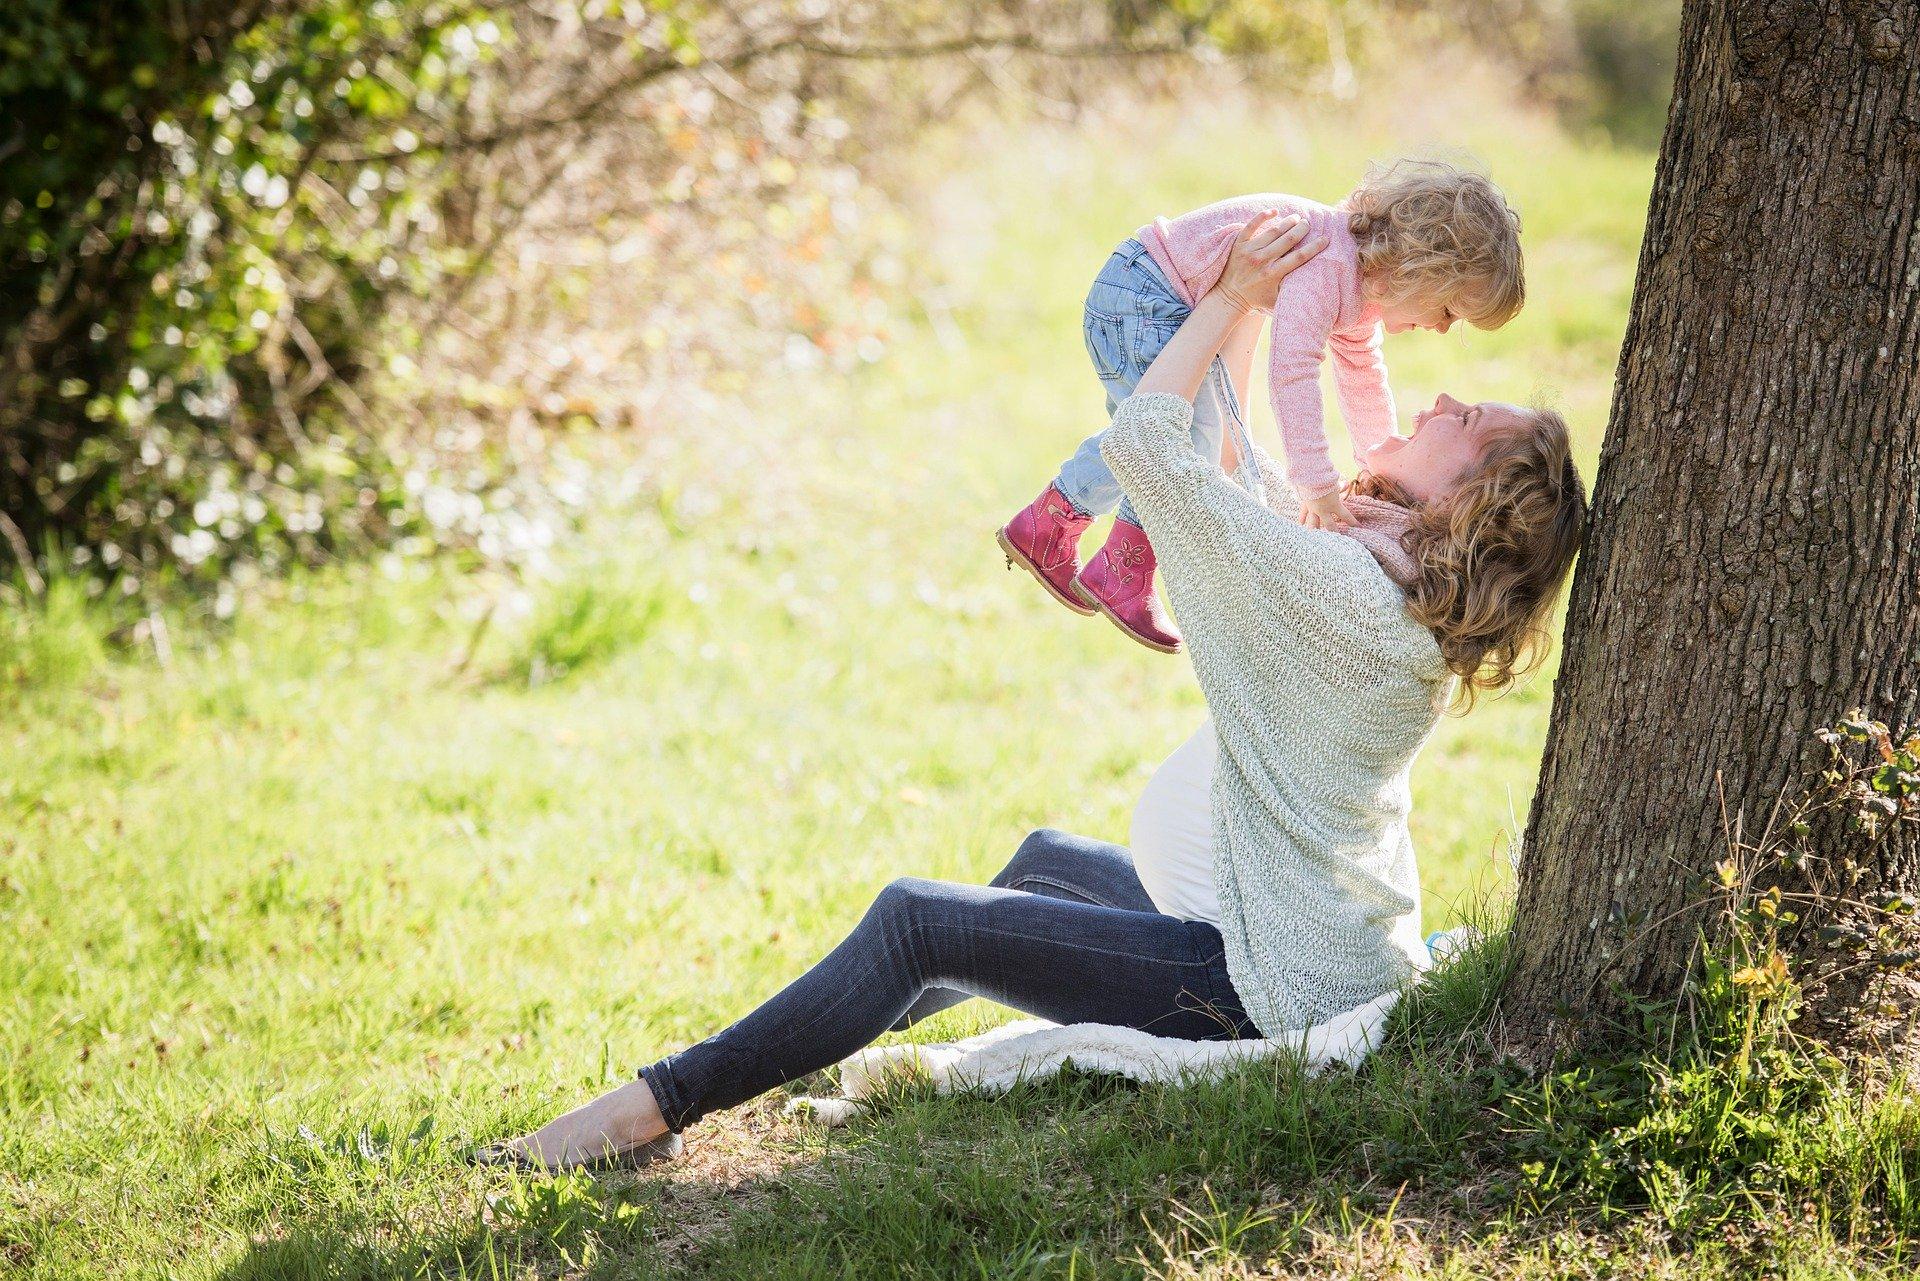 晴れた草原の木陰で幼い女の子を抱き上げる笑顔の女性